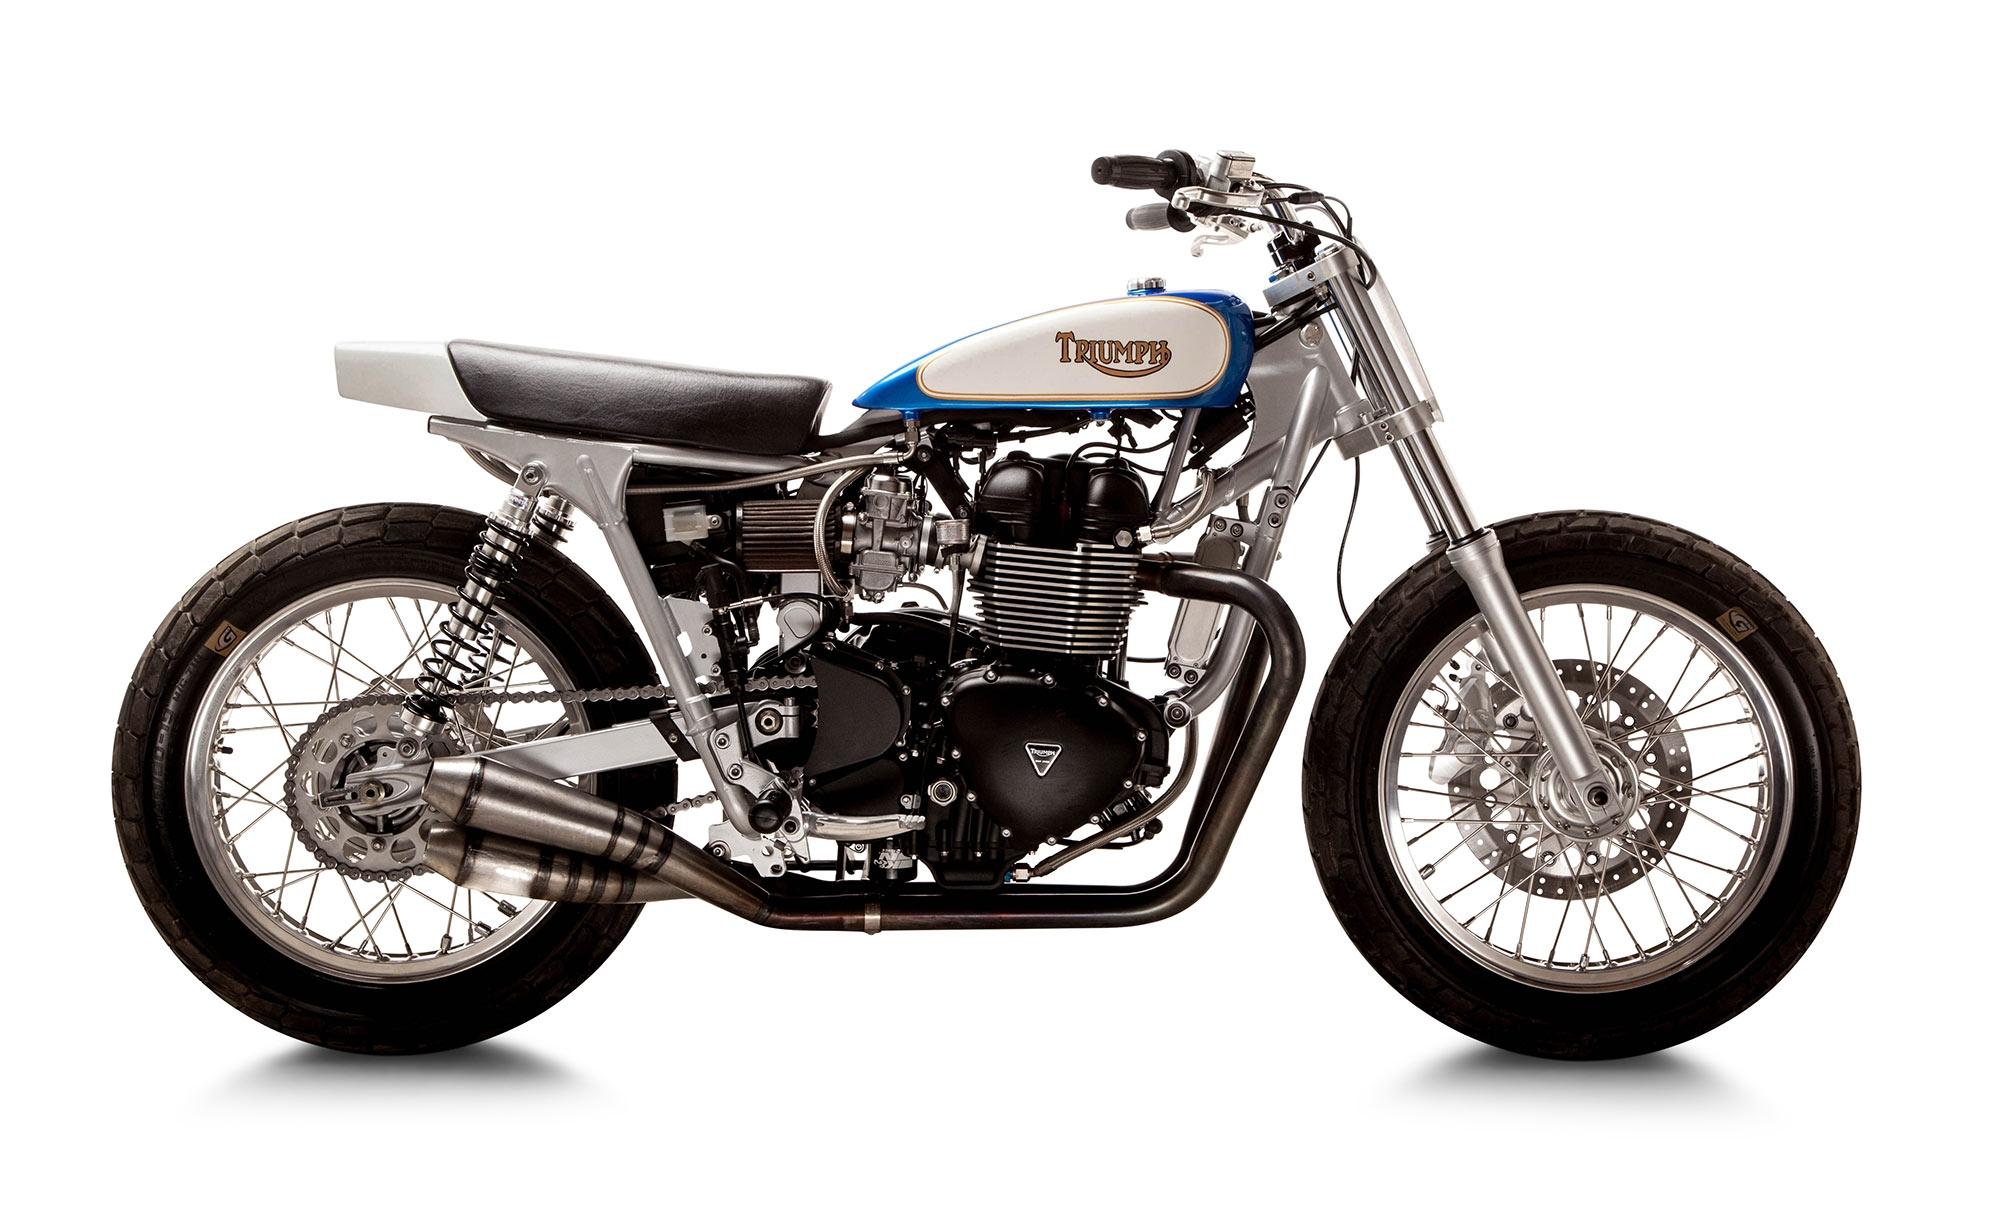 Triumph Bonneville T 100 British Customs & Mule Motorcycles